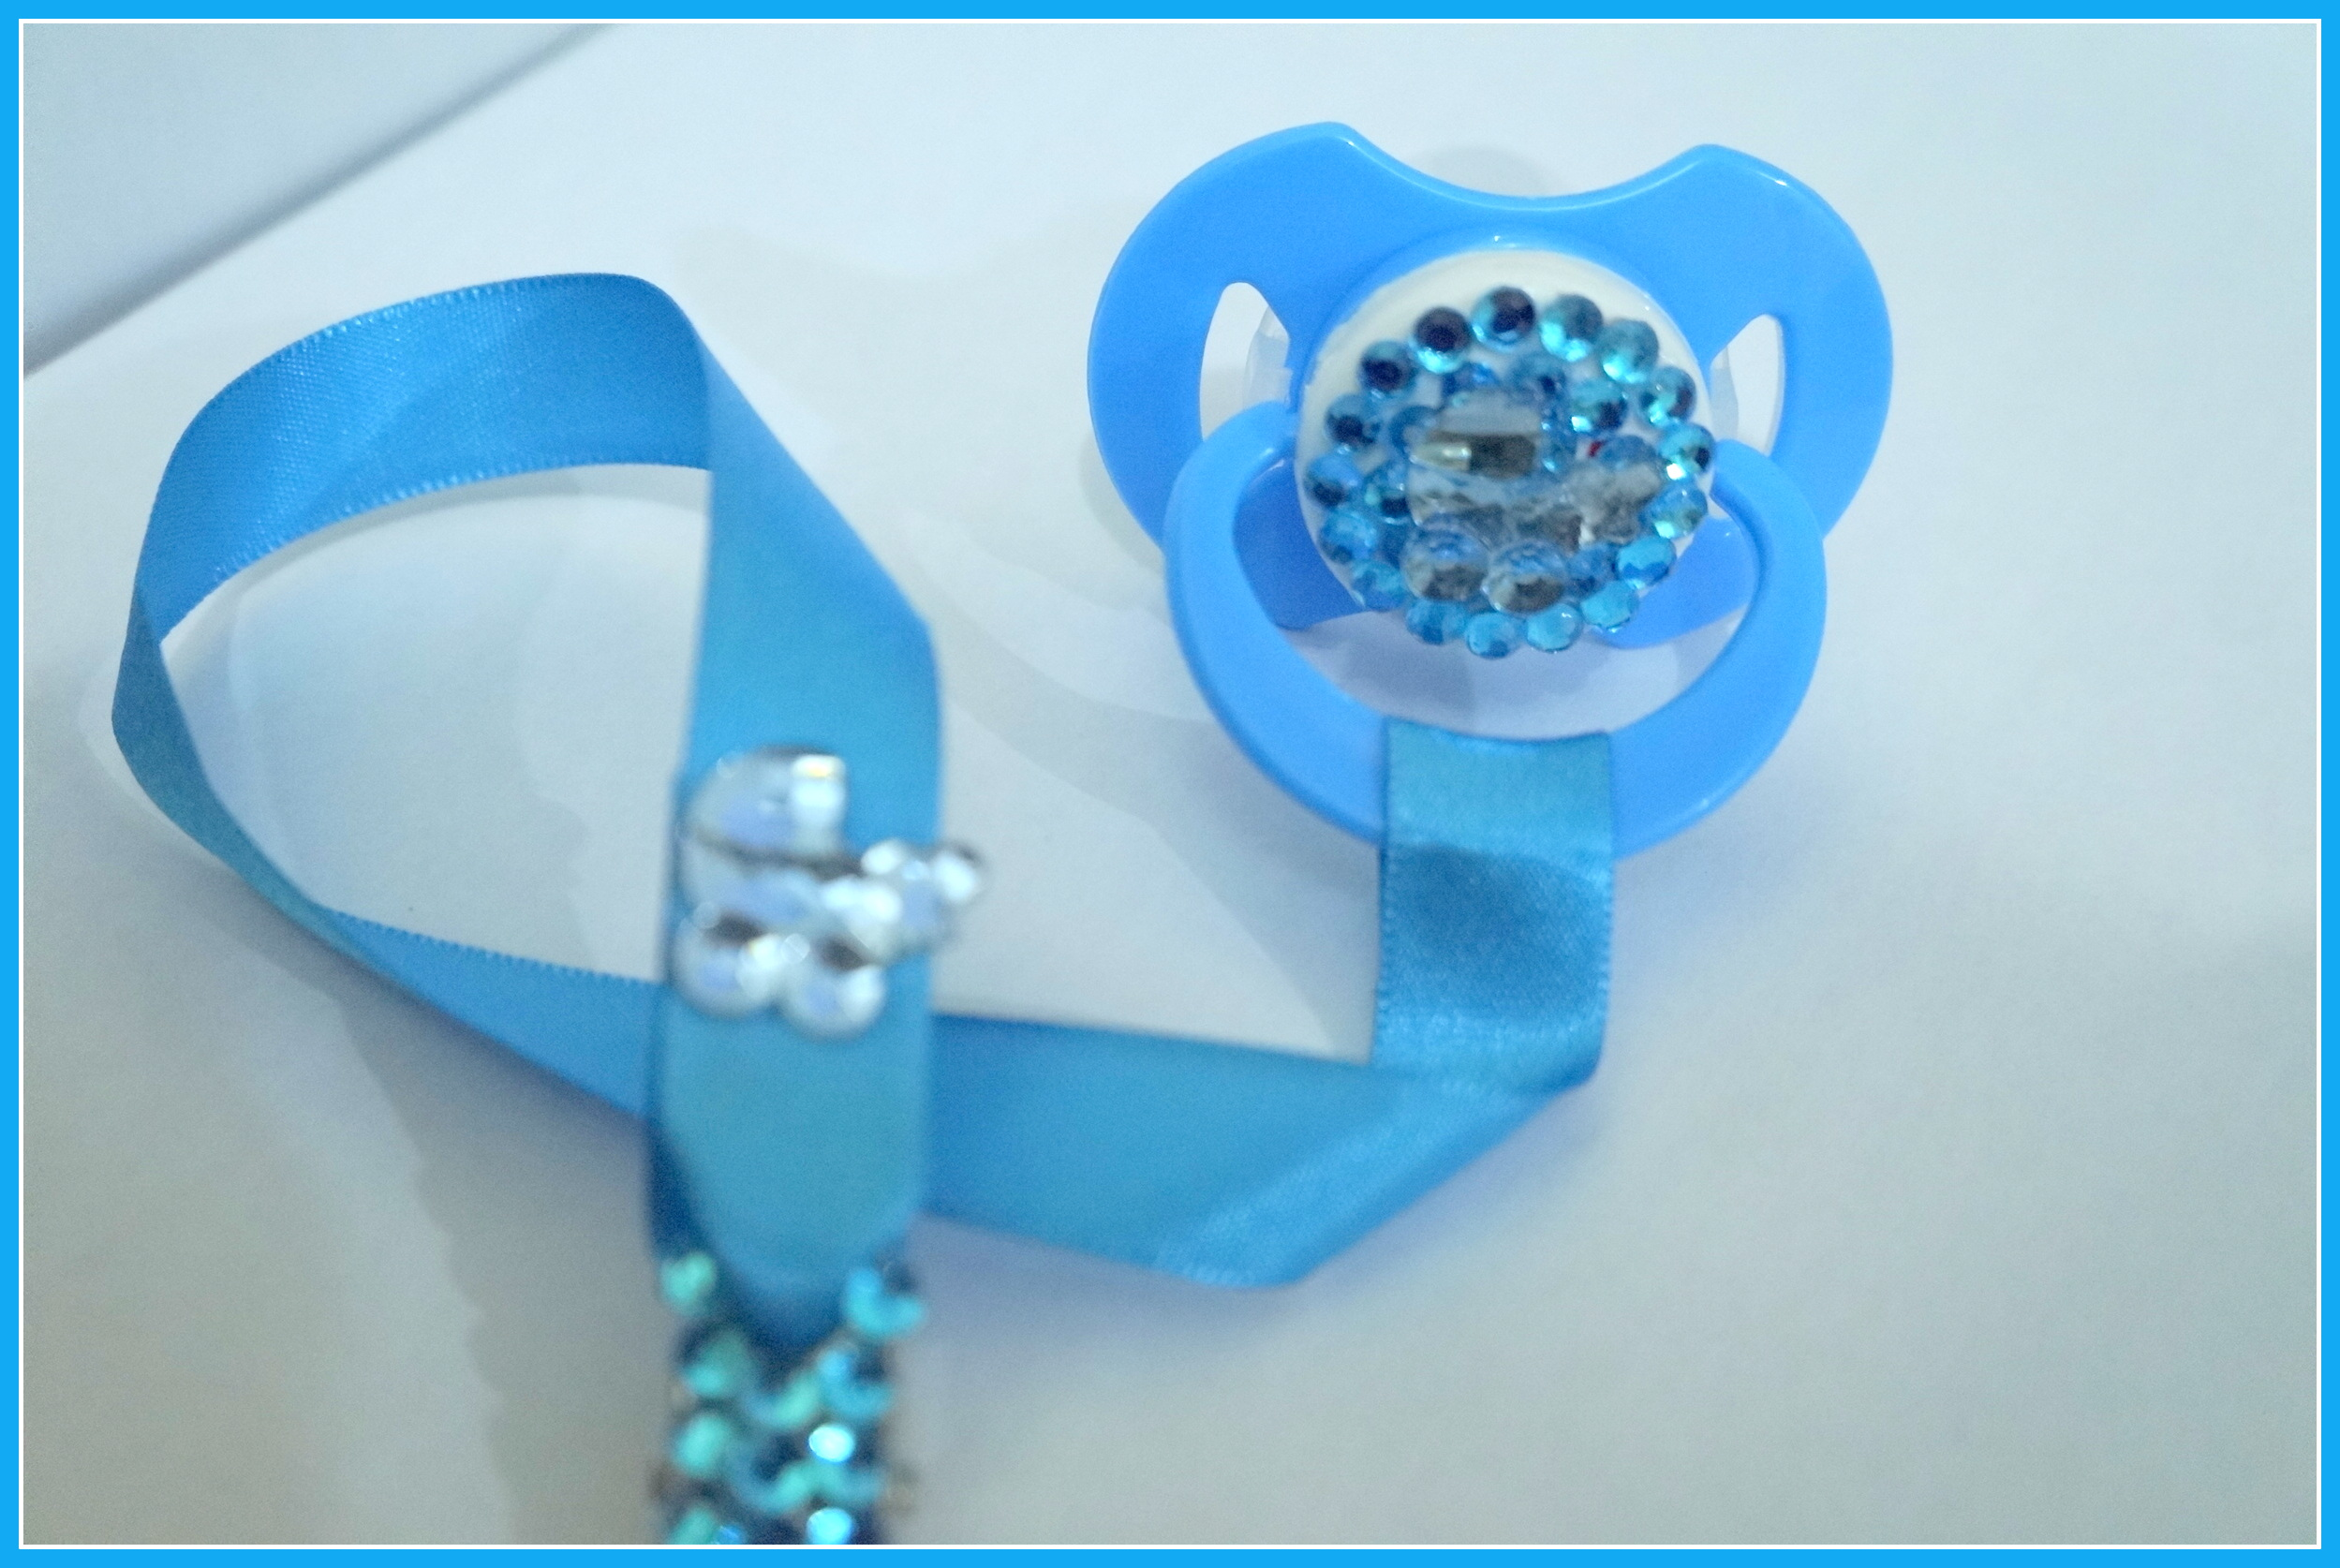 chupetas e acessorios de luxo bebe chupetas e acessorios de luxo  #0C7BBF 2498x1674 Acessorios Para Banheiro De Luxo